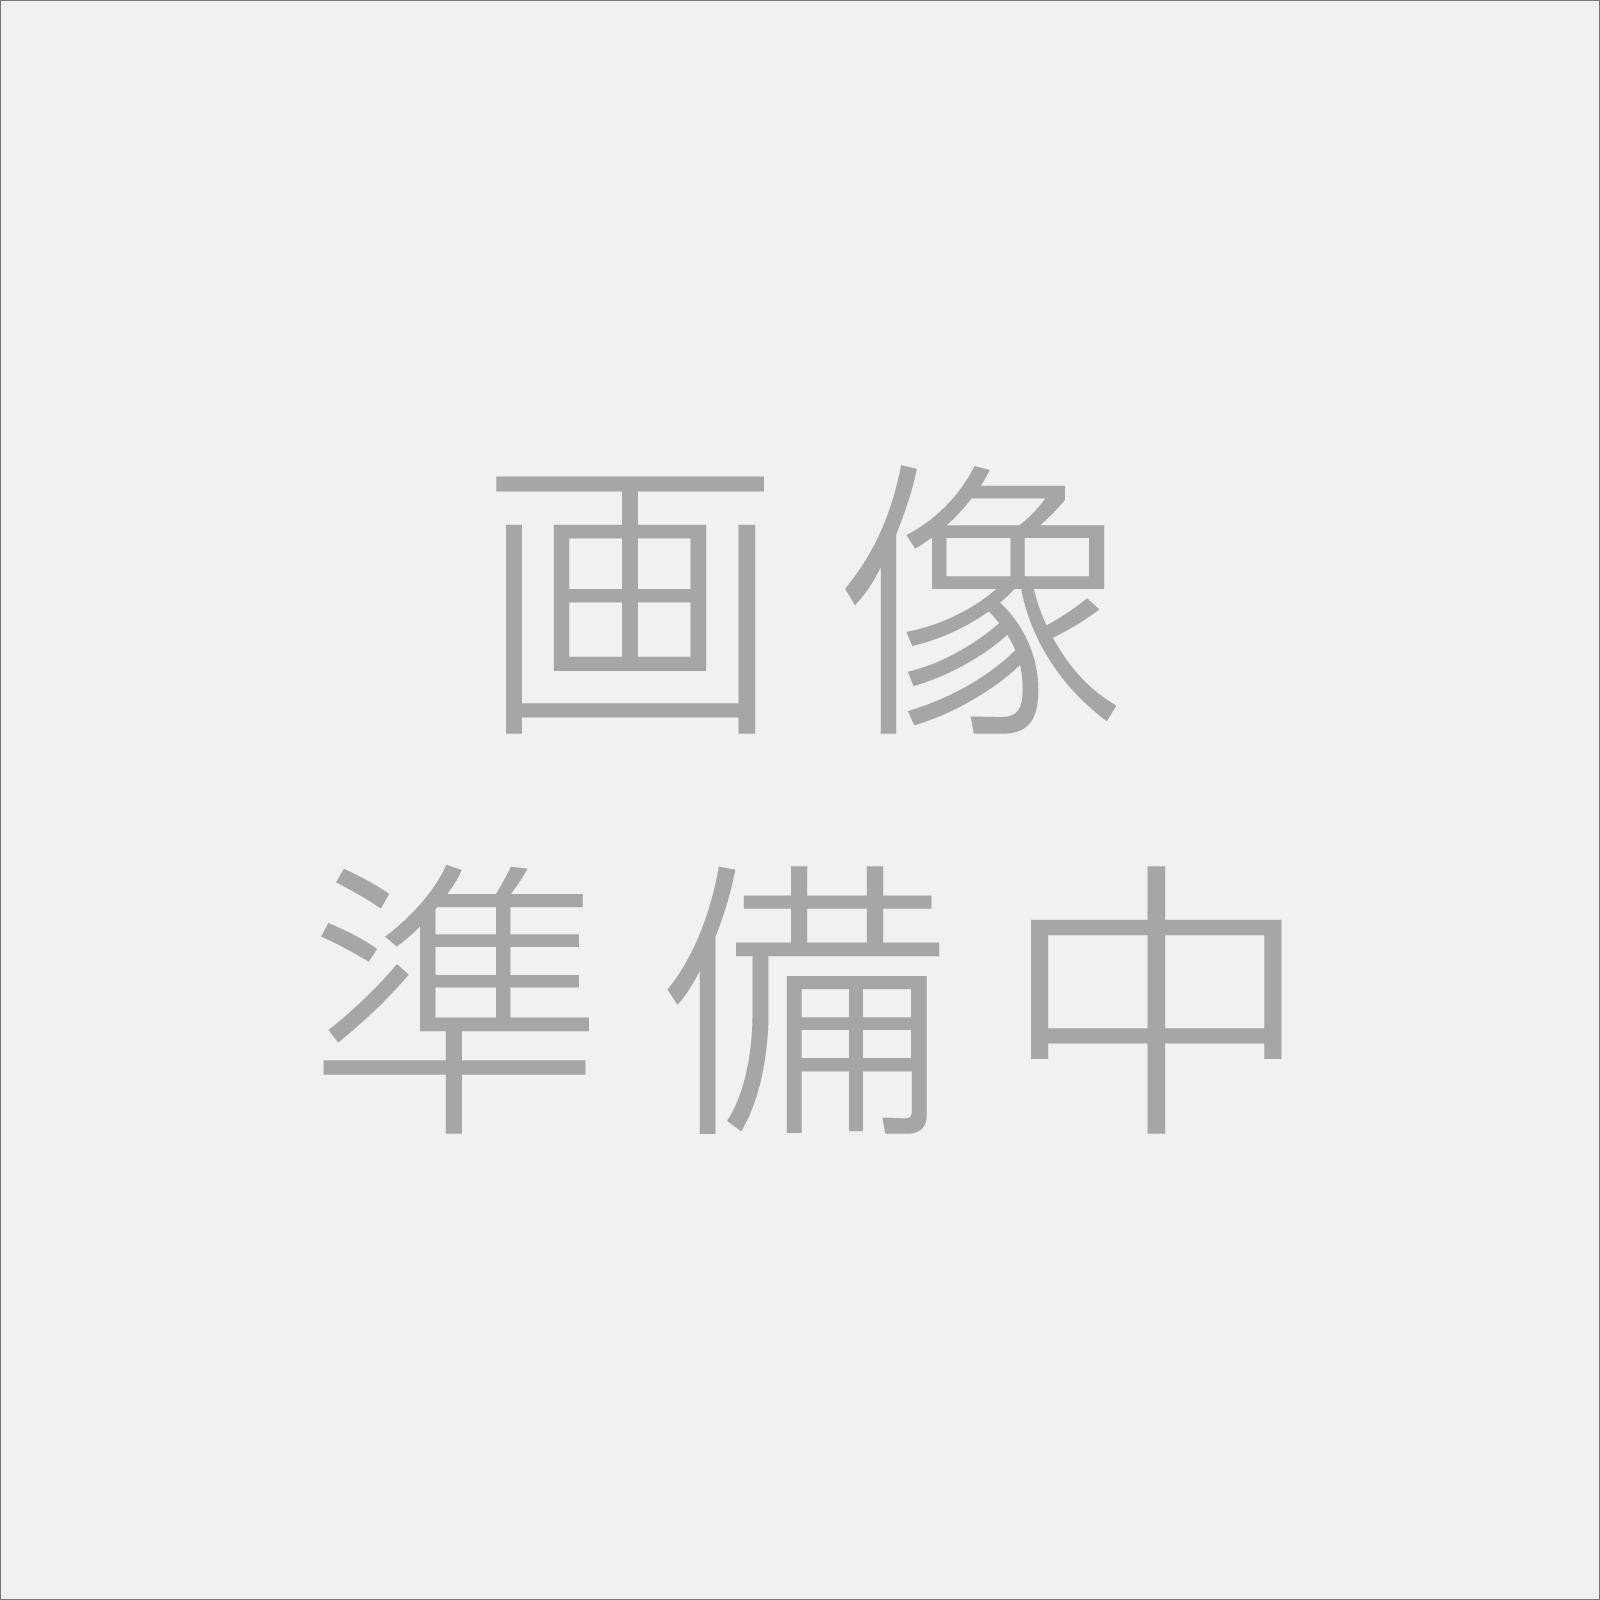 プレミスト江坂